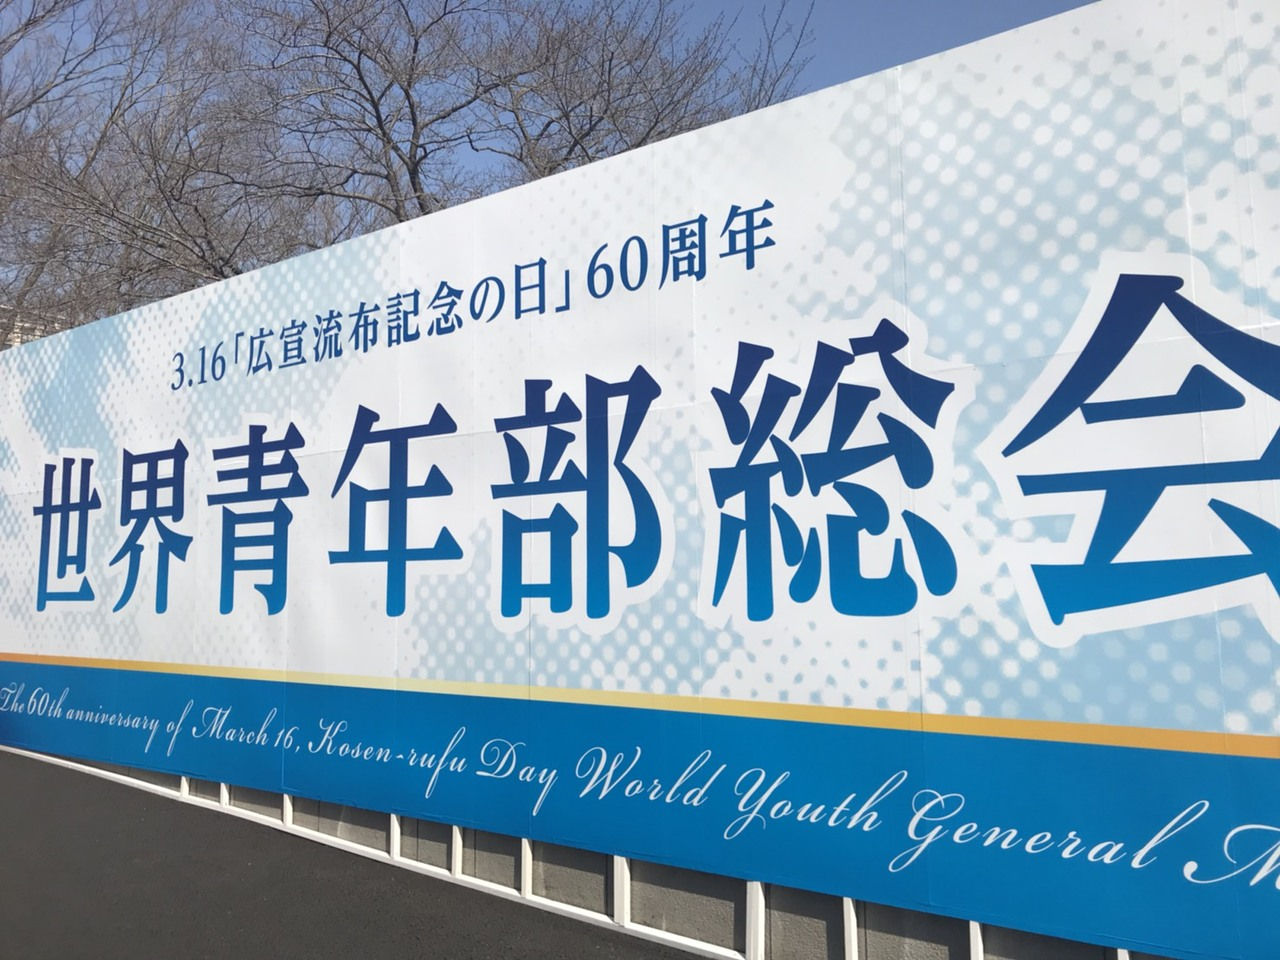 長崎創価学会 3・11「世界青年部総会」 開催!